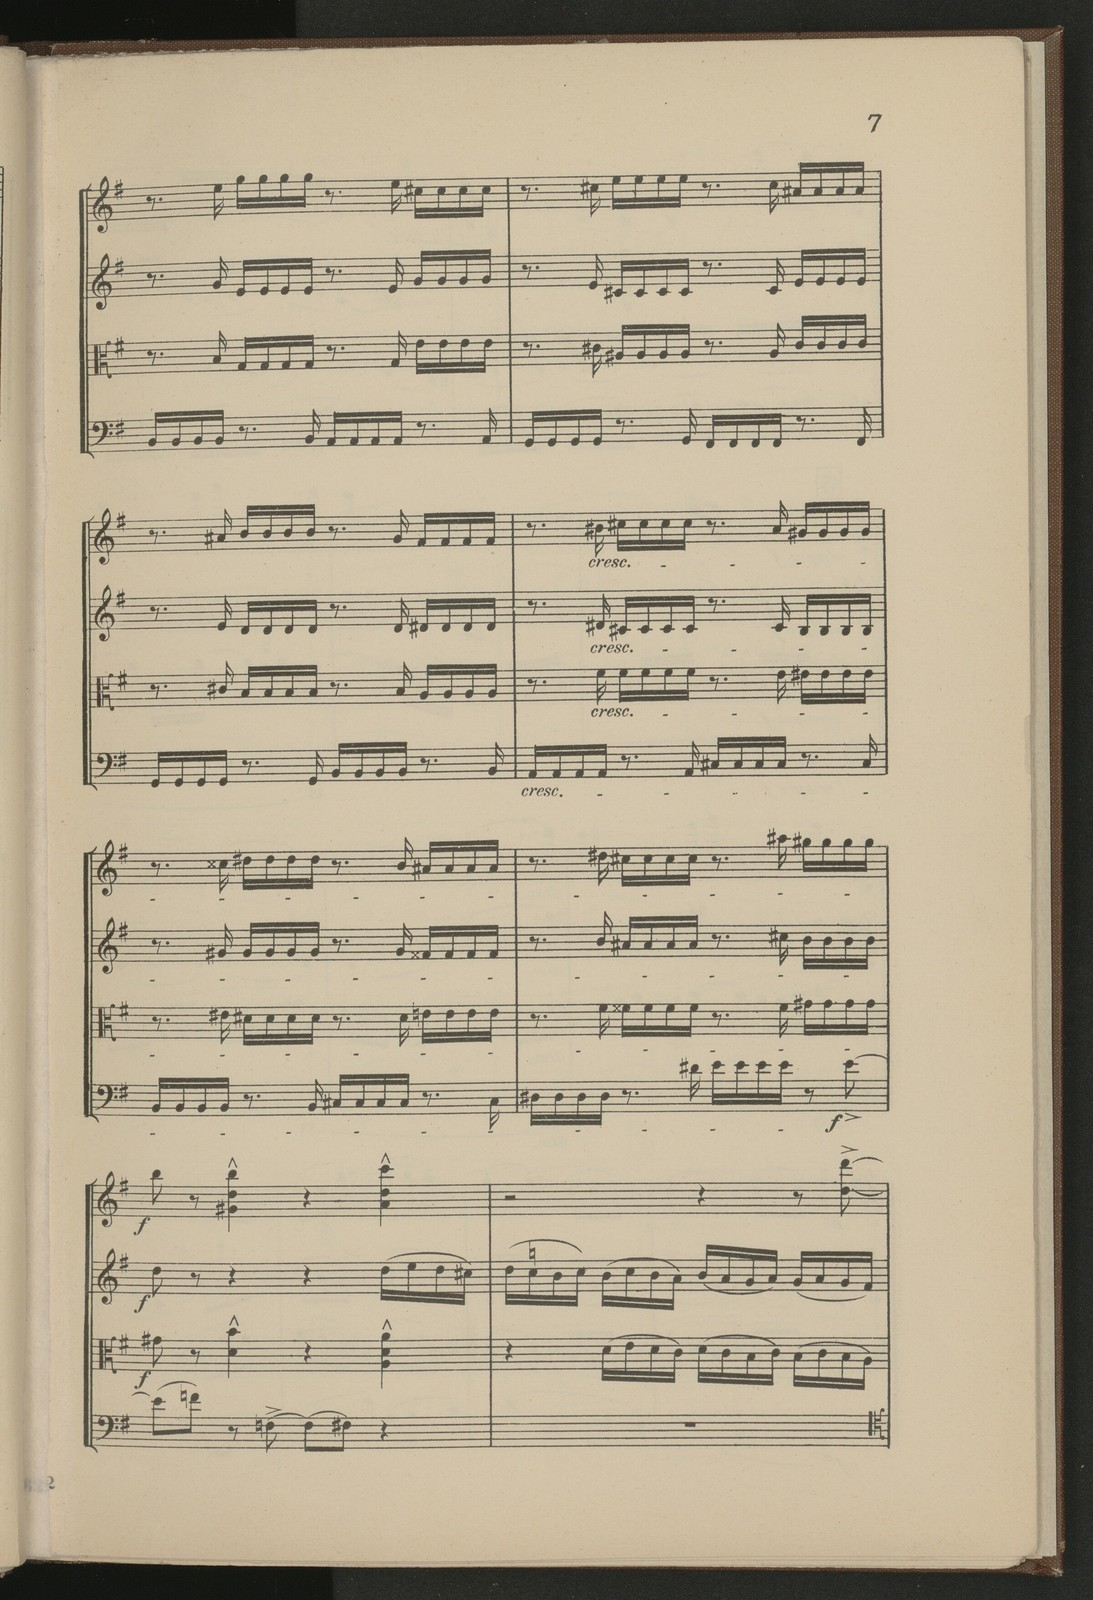 Quatuor por 2 violons, alto et violoncelle par C. Saint-Saëns, op. 112